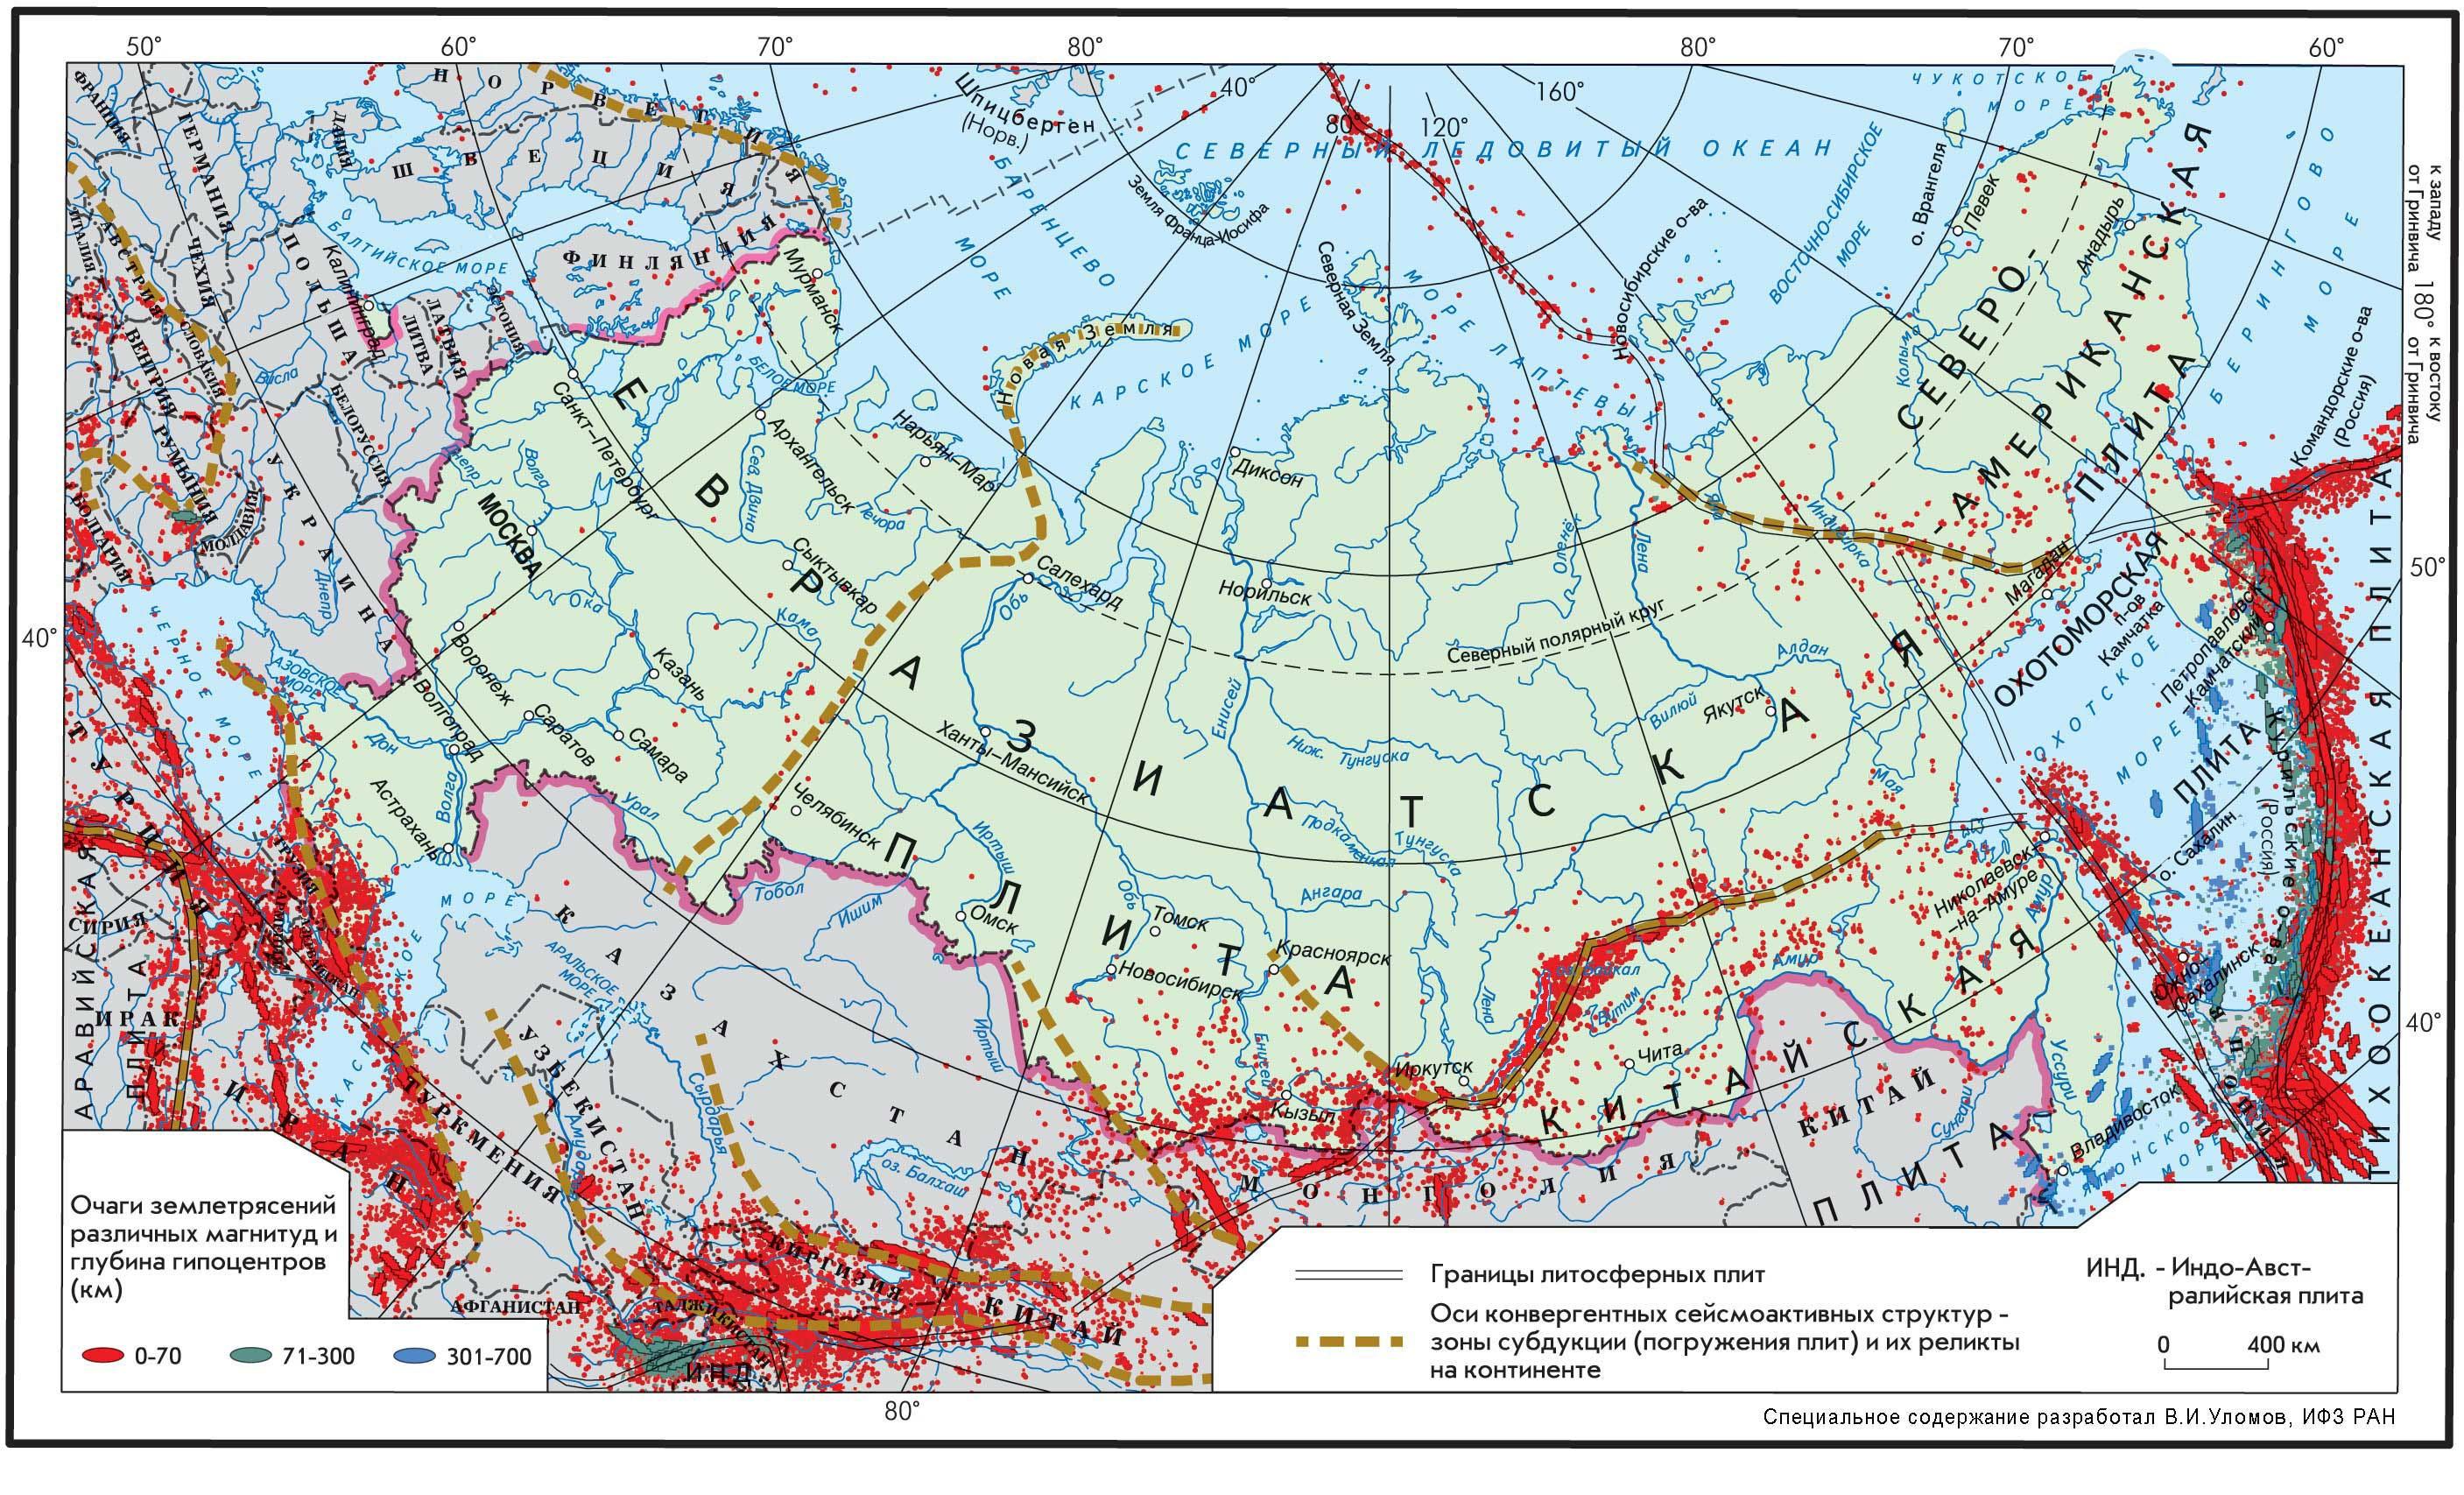 Карта сейсмичности Росссии (Умов)